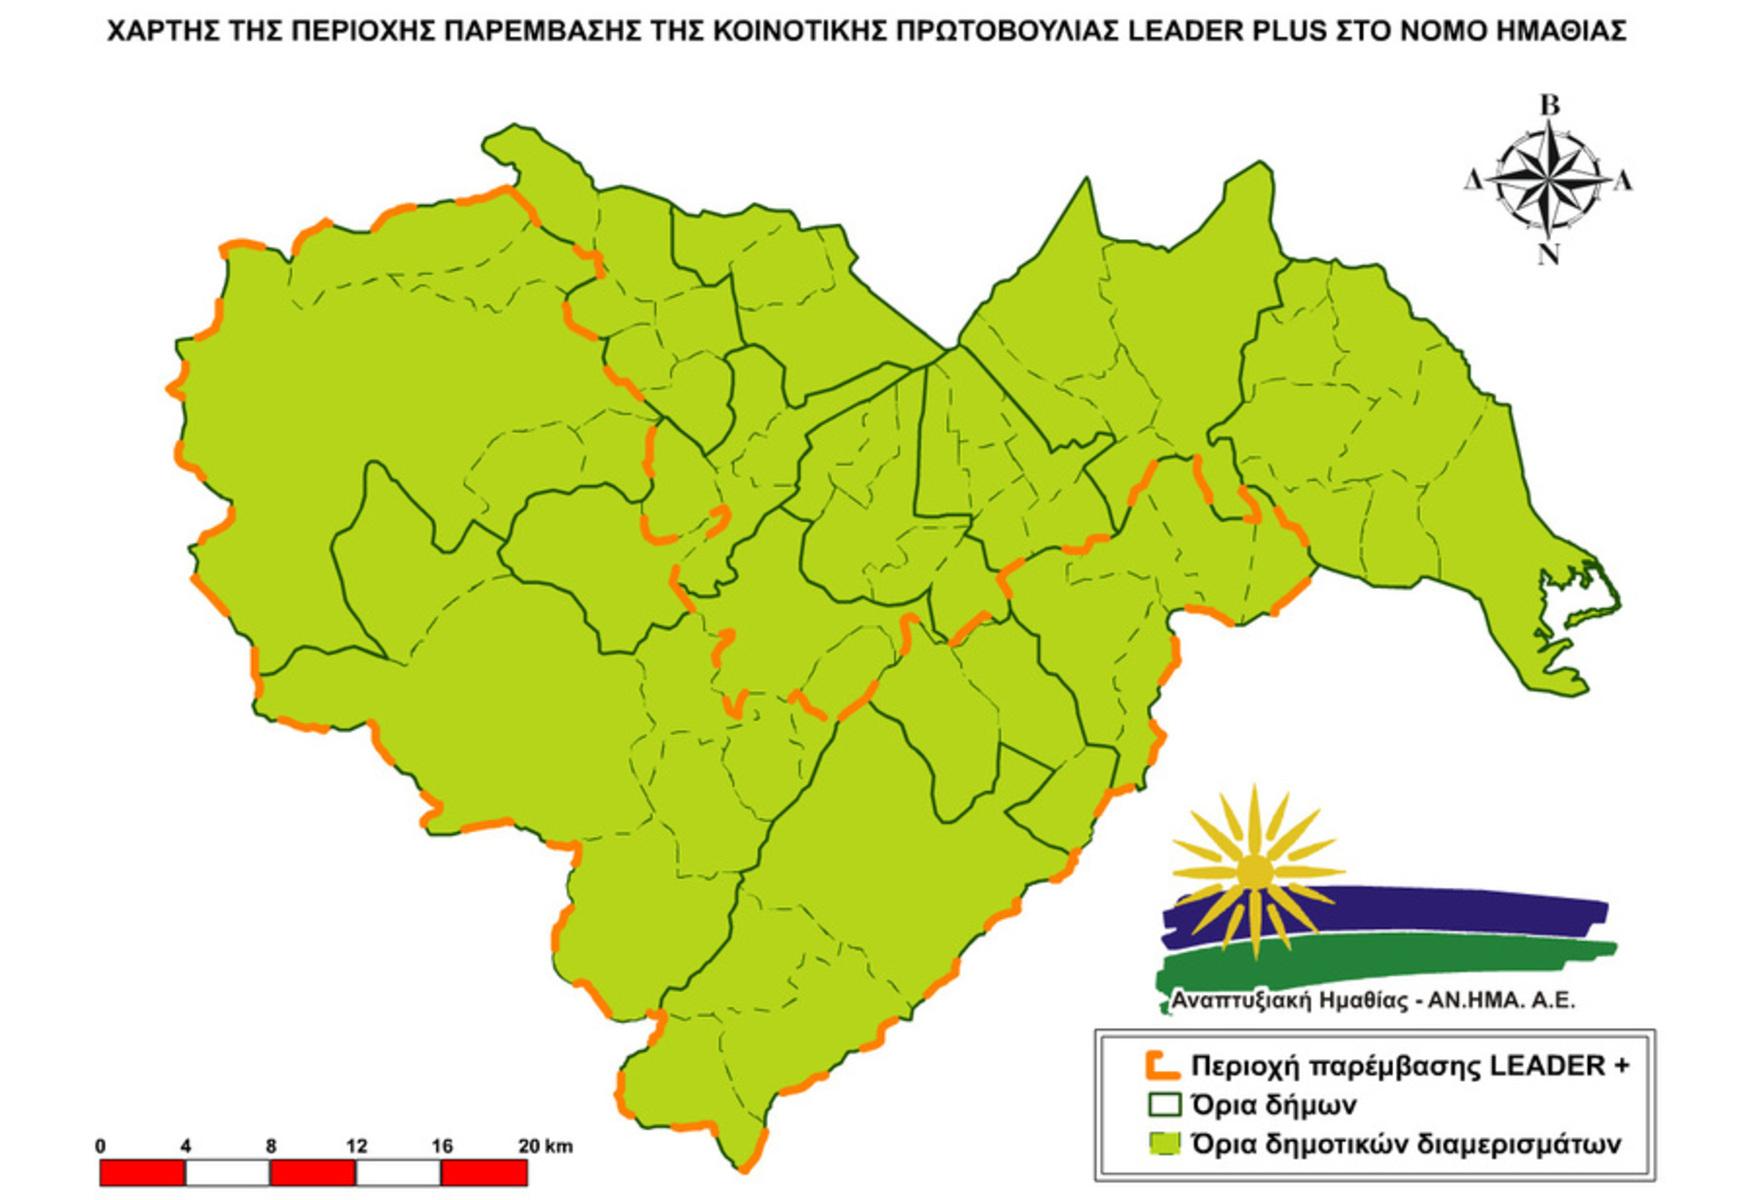 Χάρτης της περιοχής παρέμβασης της Κ.Π. Leader Plus